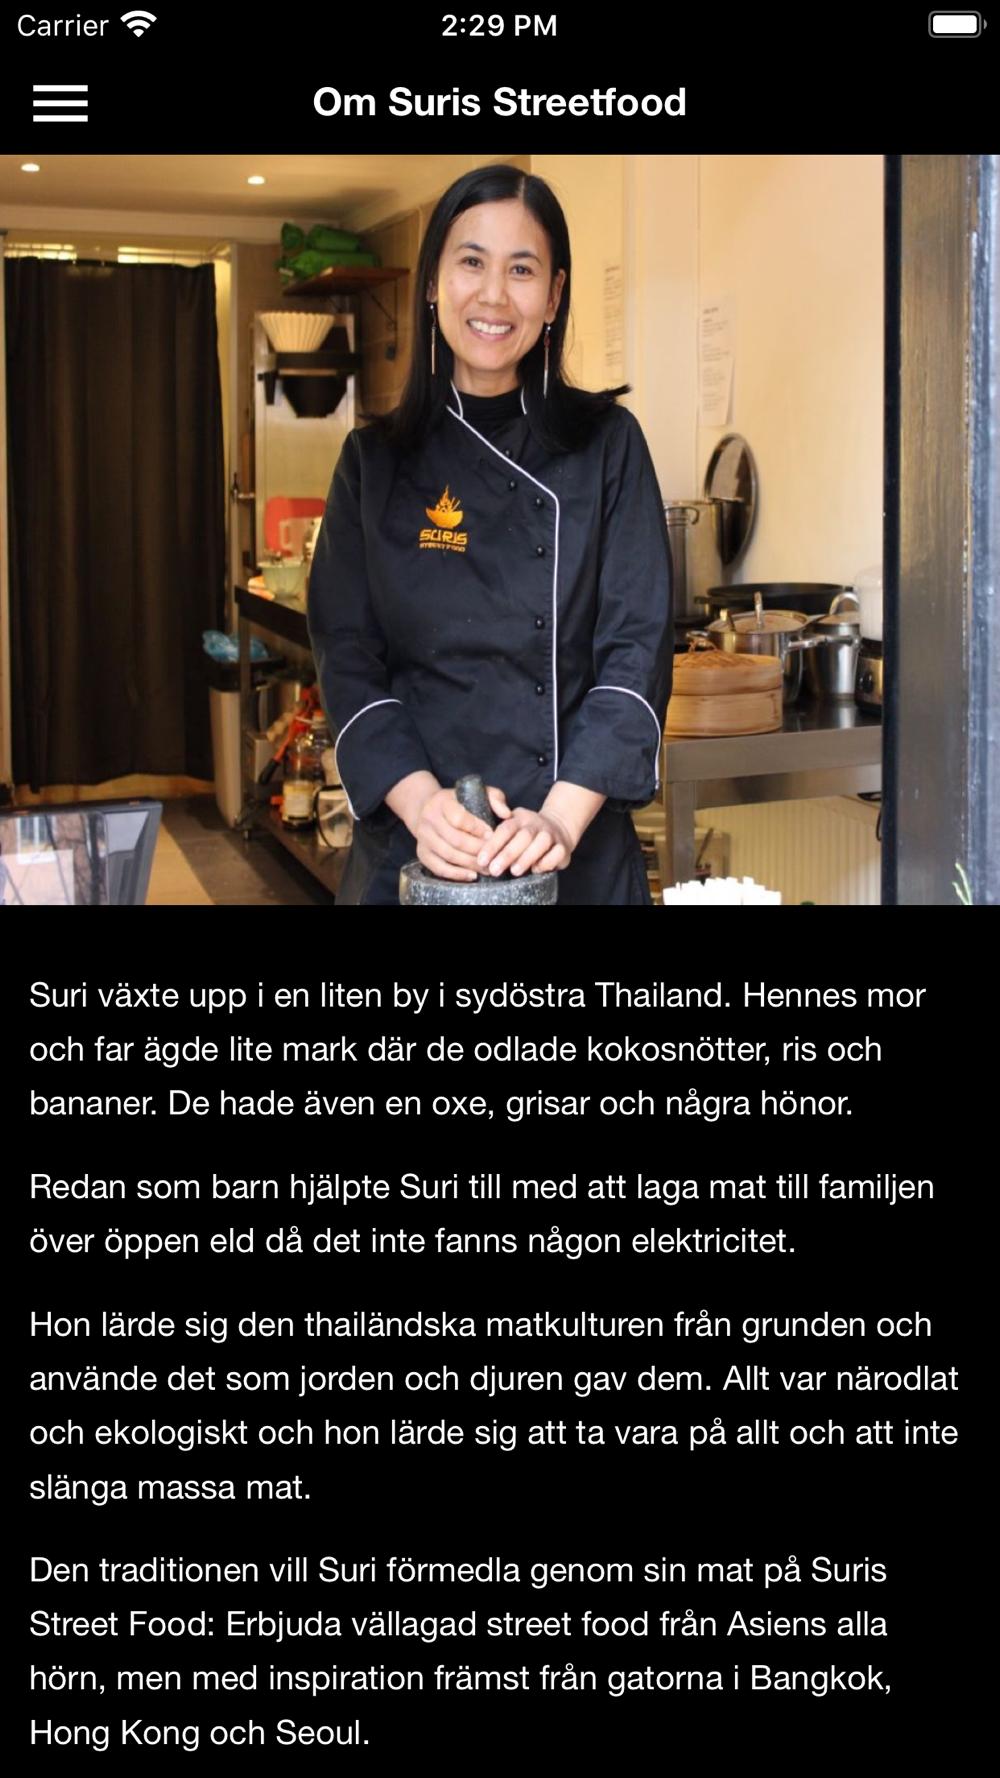 Klädkod Thailand